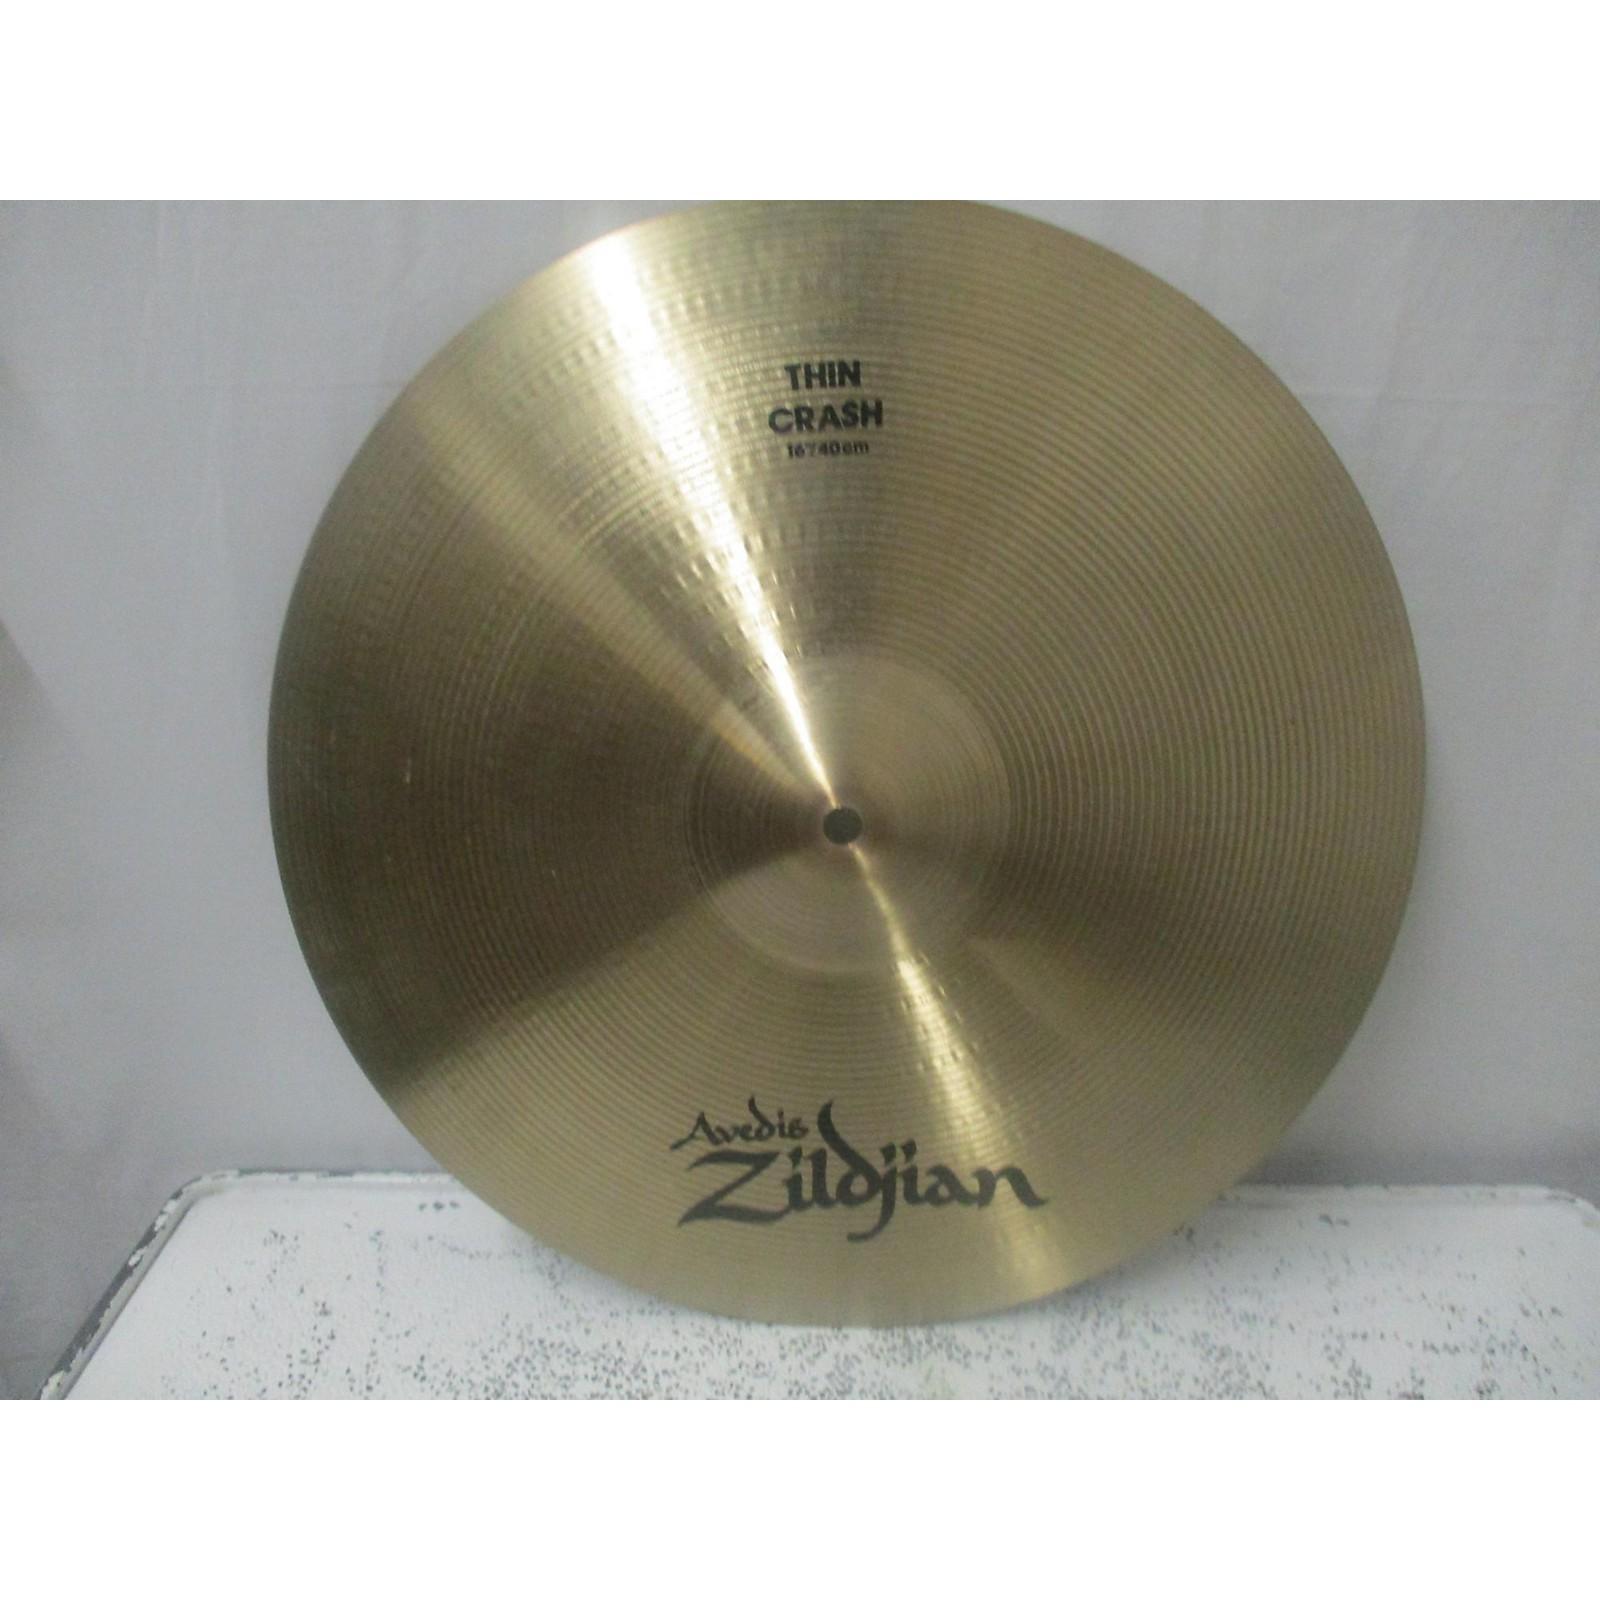 Zildjian 16in Avedis Thin Crash Cymbal